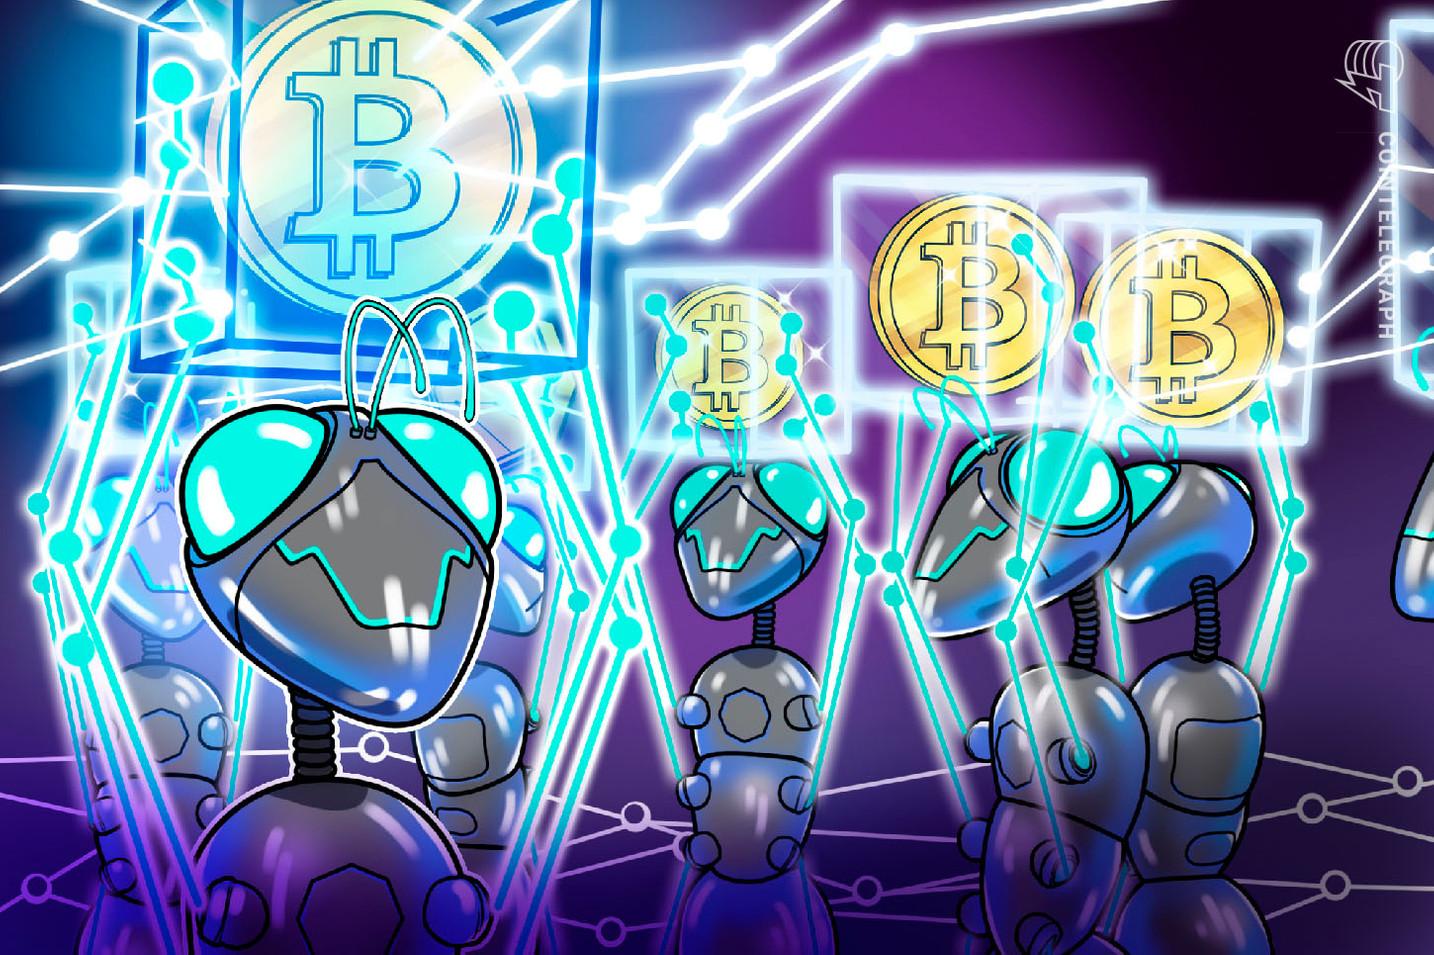 'Fluxo de entrada de capital sem precedentes no Bitcoin', enquanto 12 mil BTC deixam a Coinbase